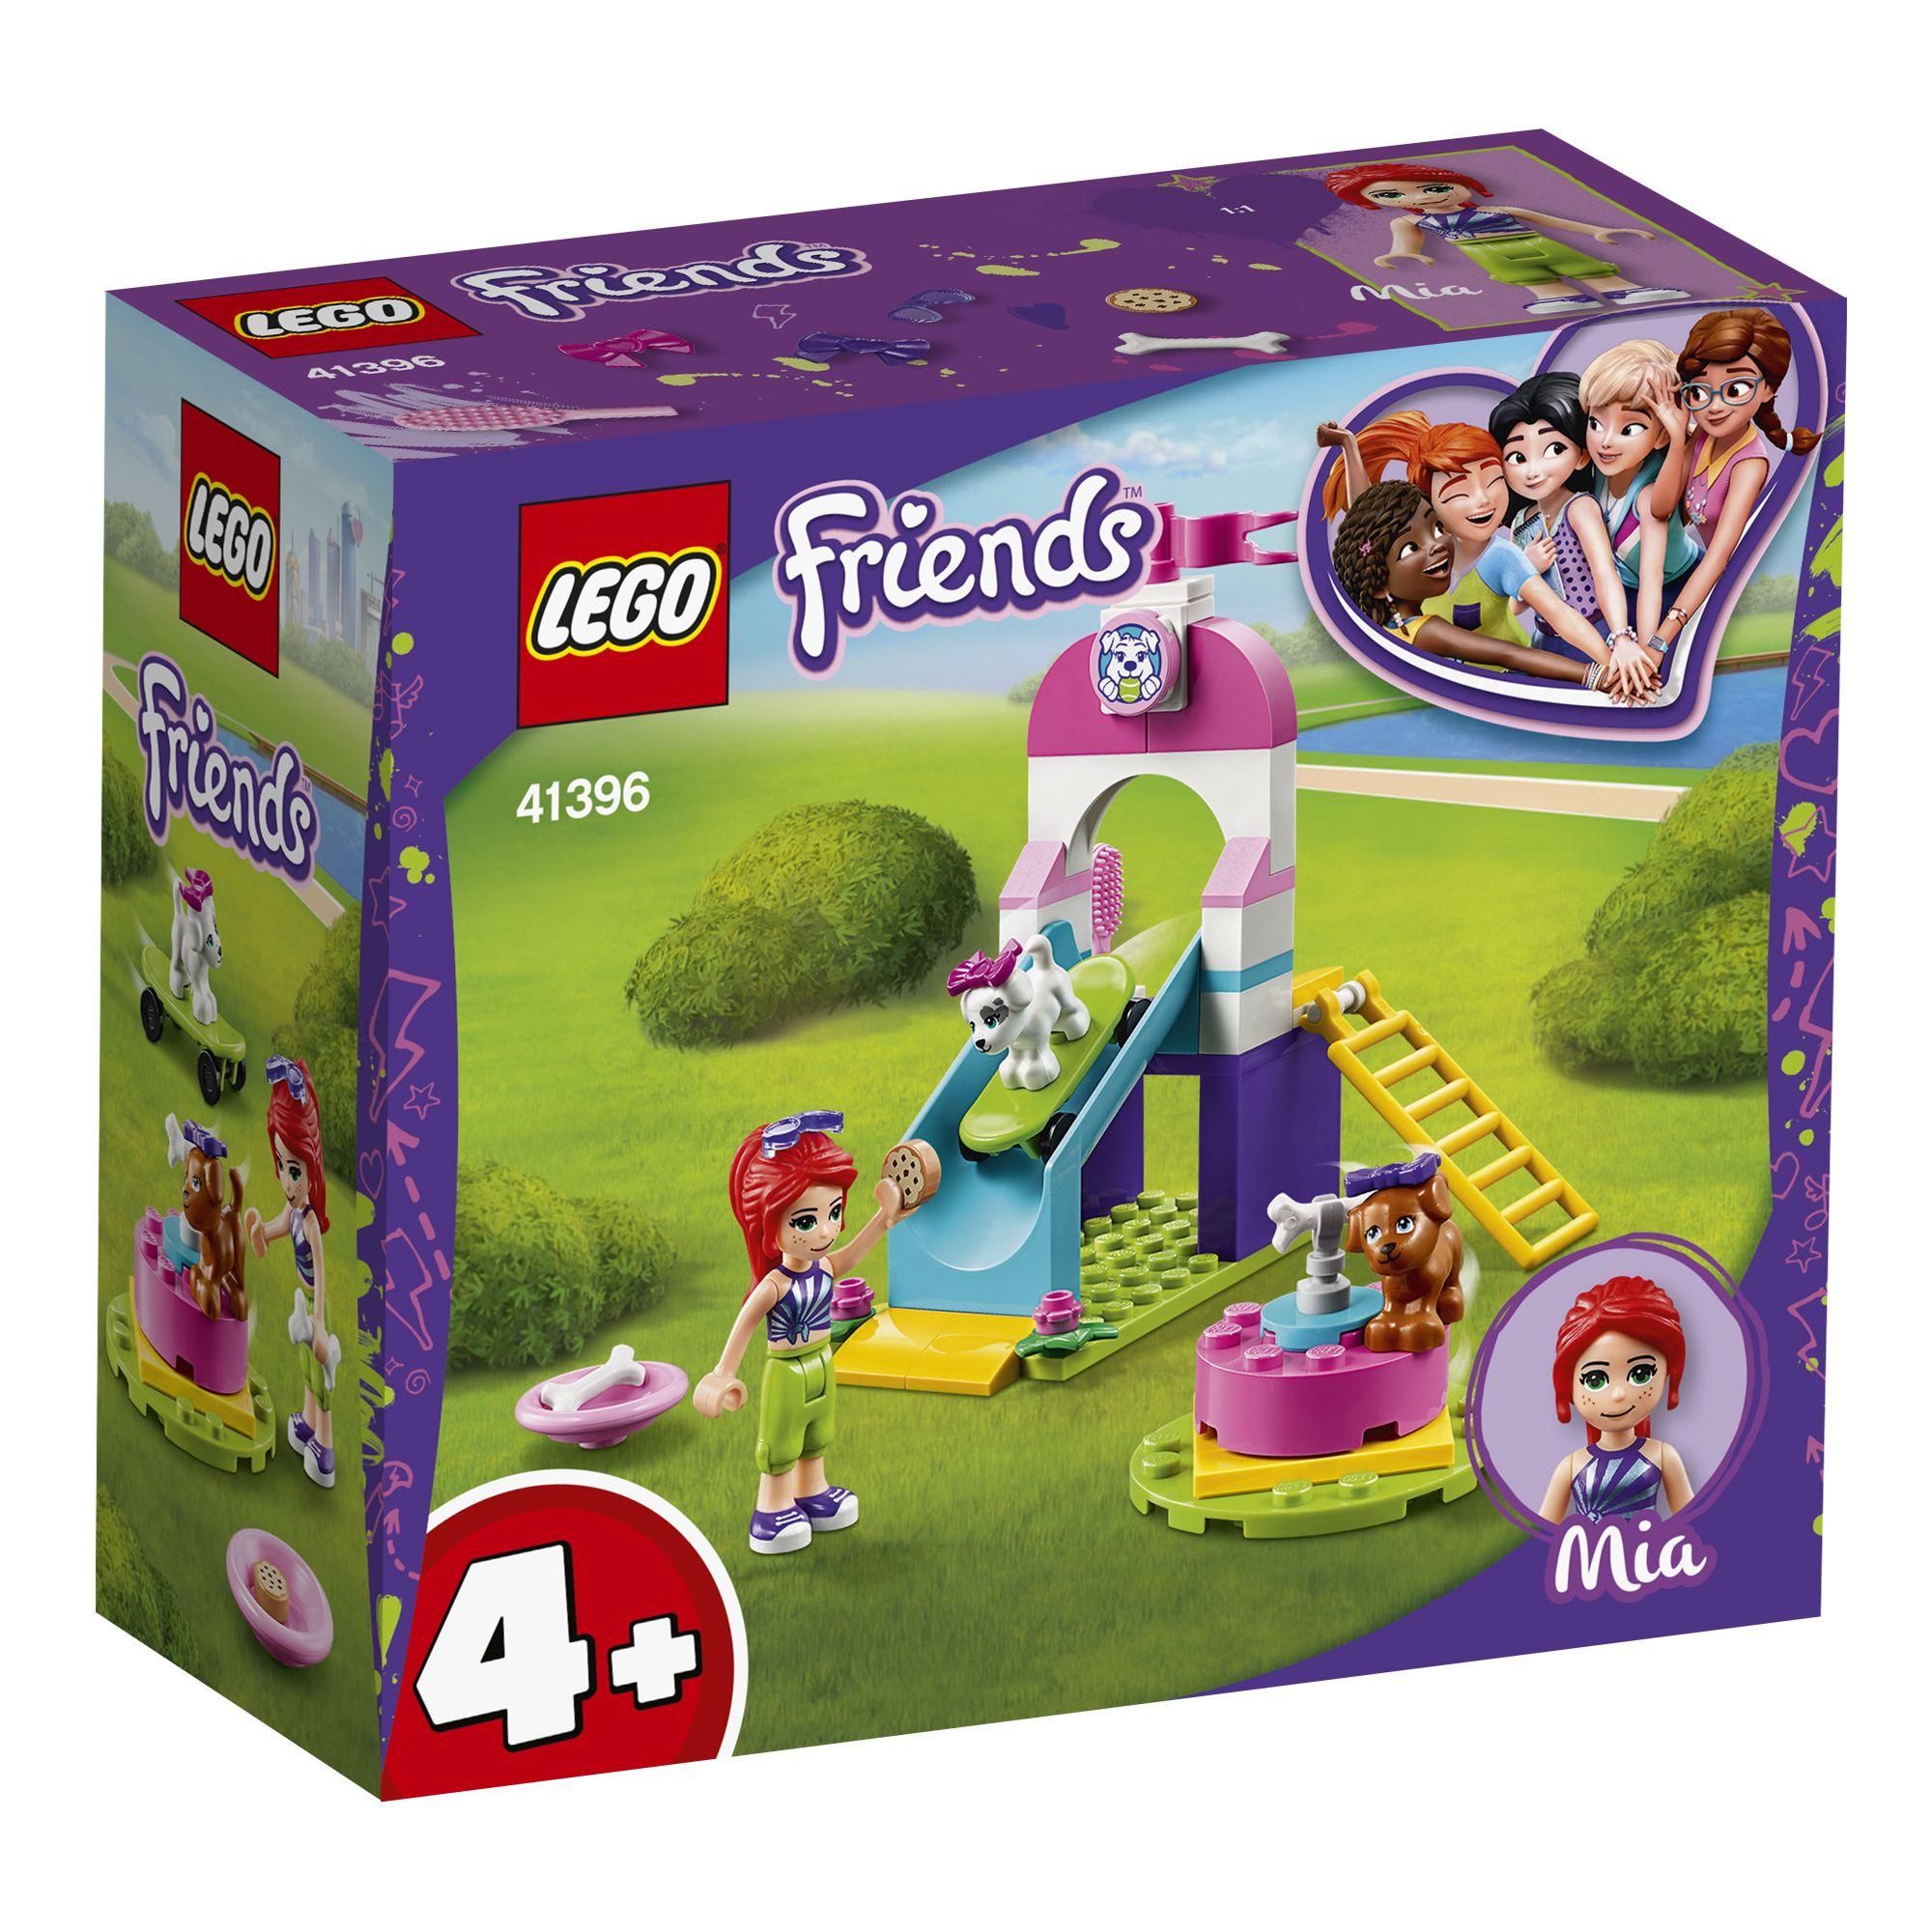 LEGO Friends Il parco giochi dei cuccioli - 41396 LEGO FRIENDS